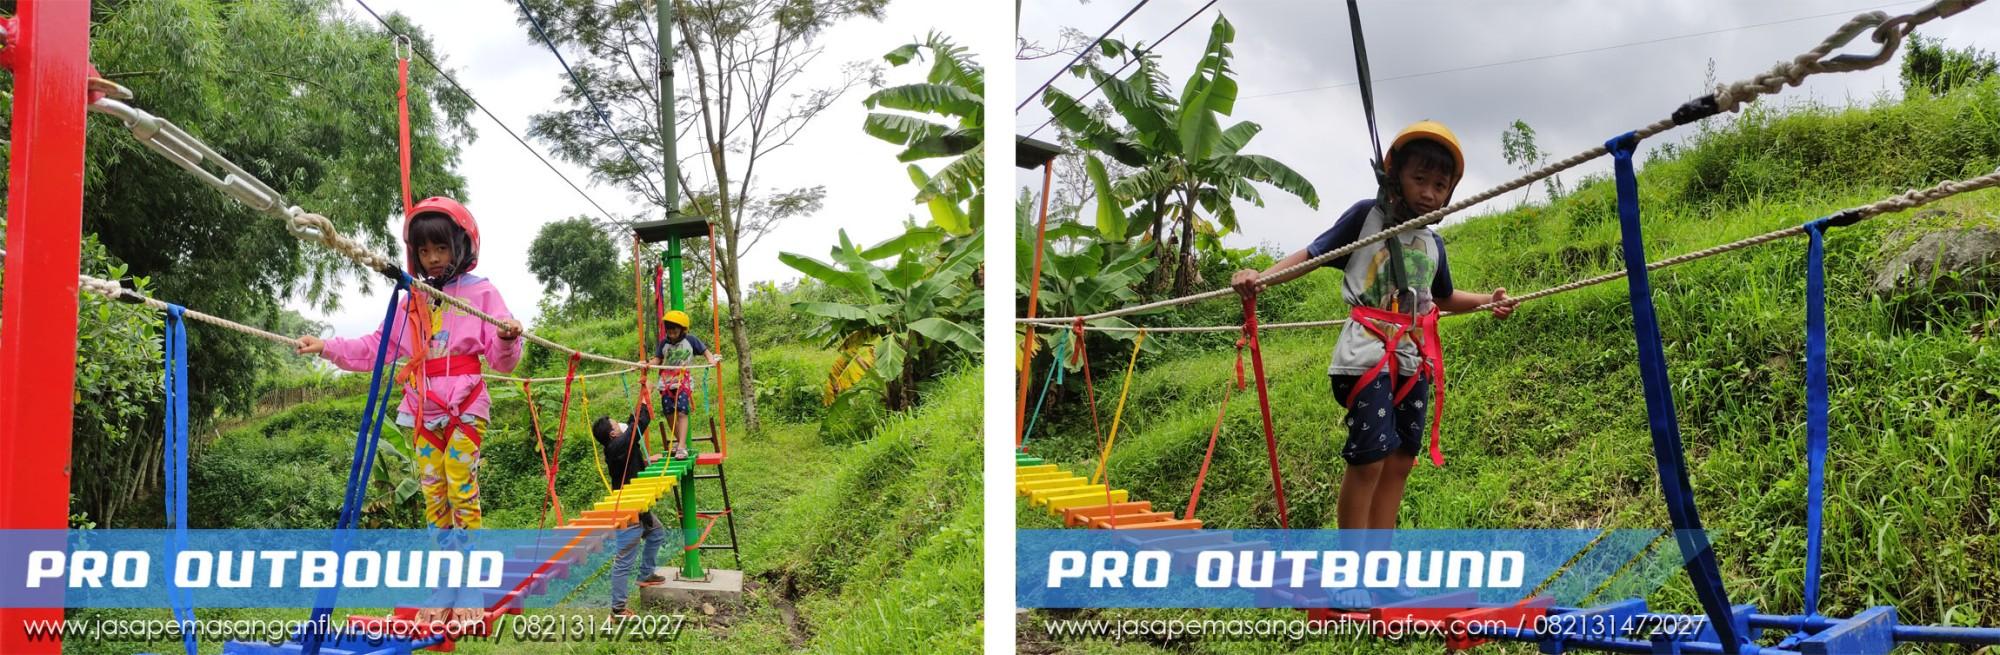 Penyedia Highrope Games Untuk Anak Anak di Kota Wisata Batu, Pembuatan Wahana Outbound Batu - 082131472027 (1)